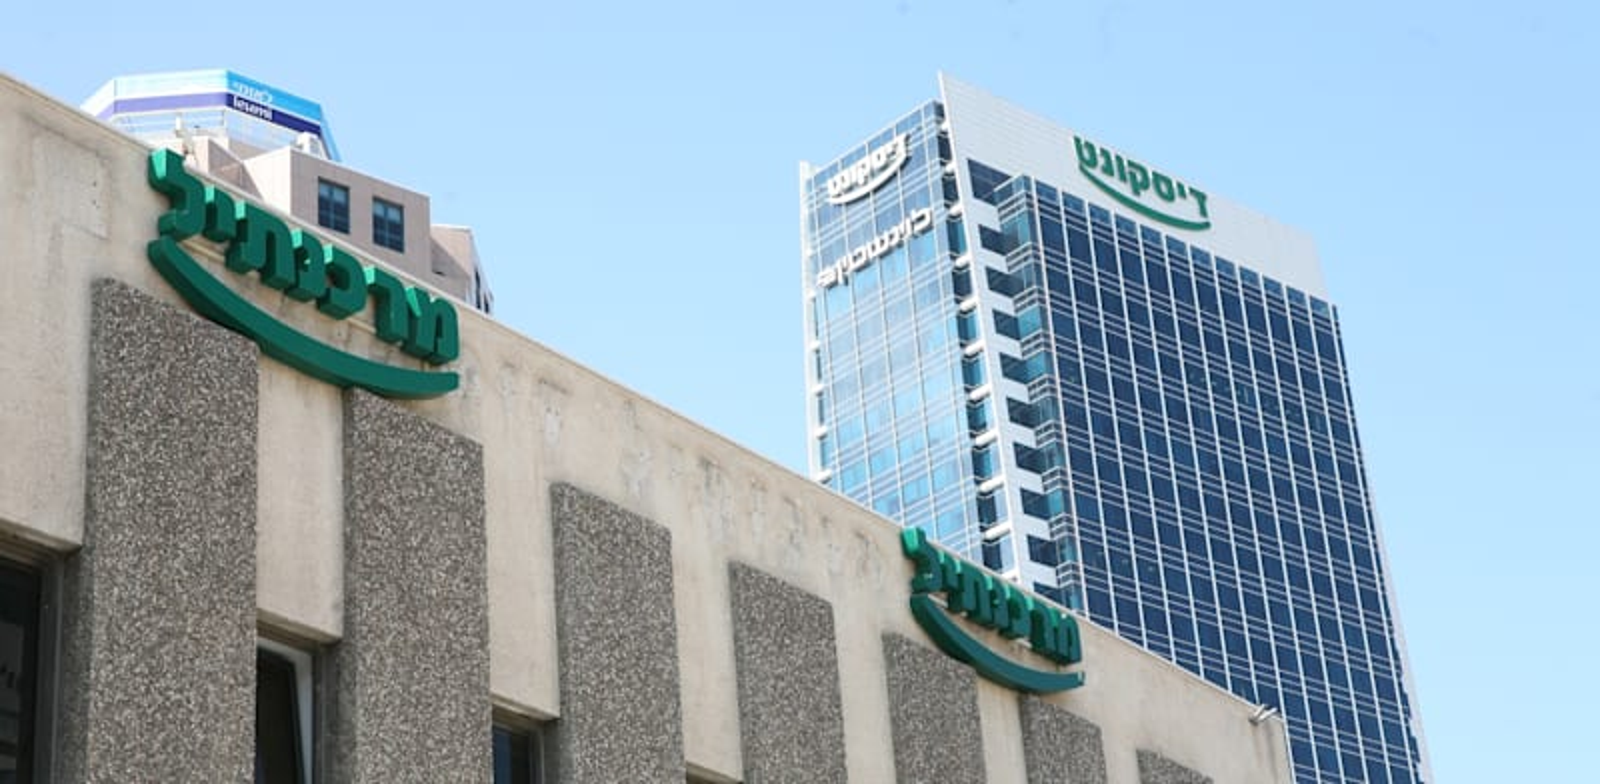 בנק מרכנתיל דיסקונט בשדרות רוטשילד בתל אביב / צילום: עינת לברון